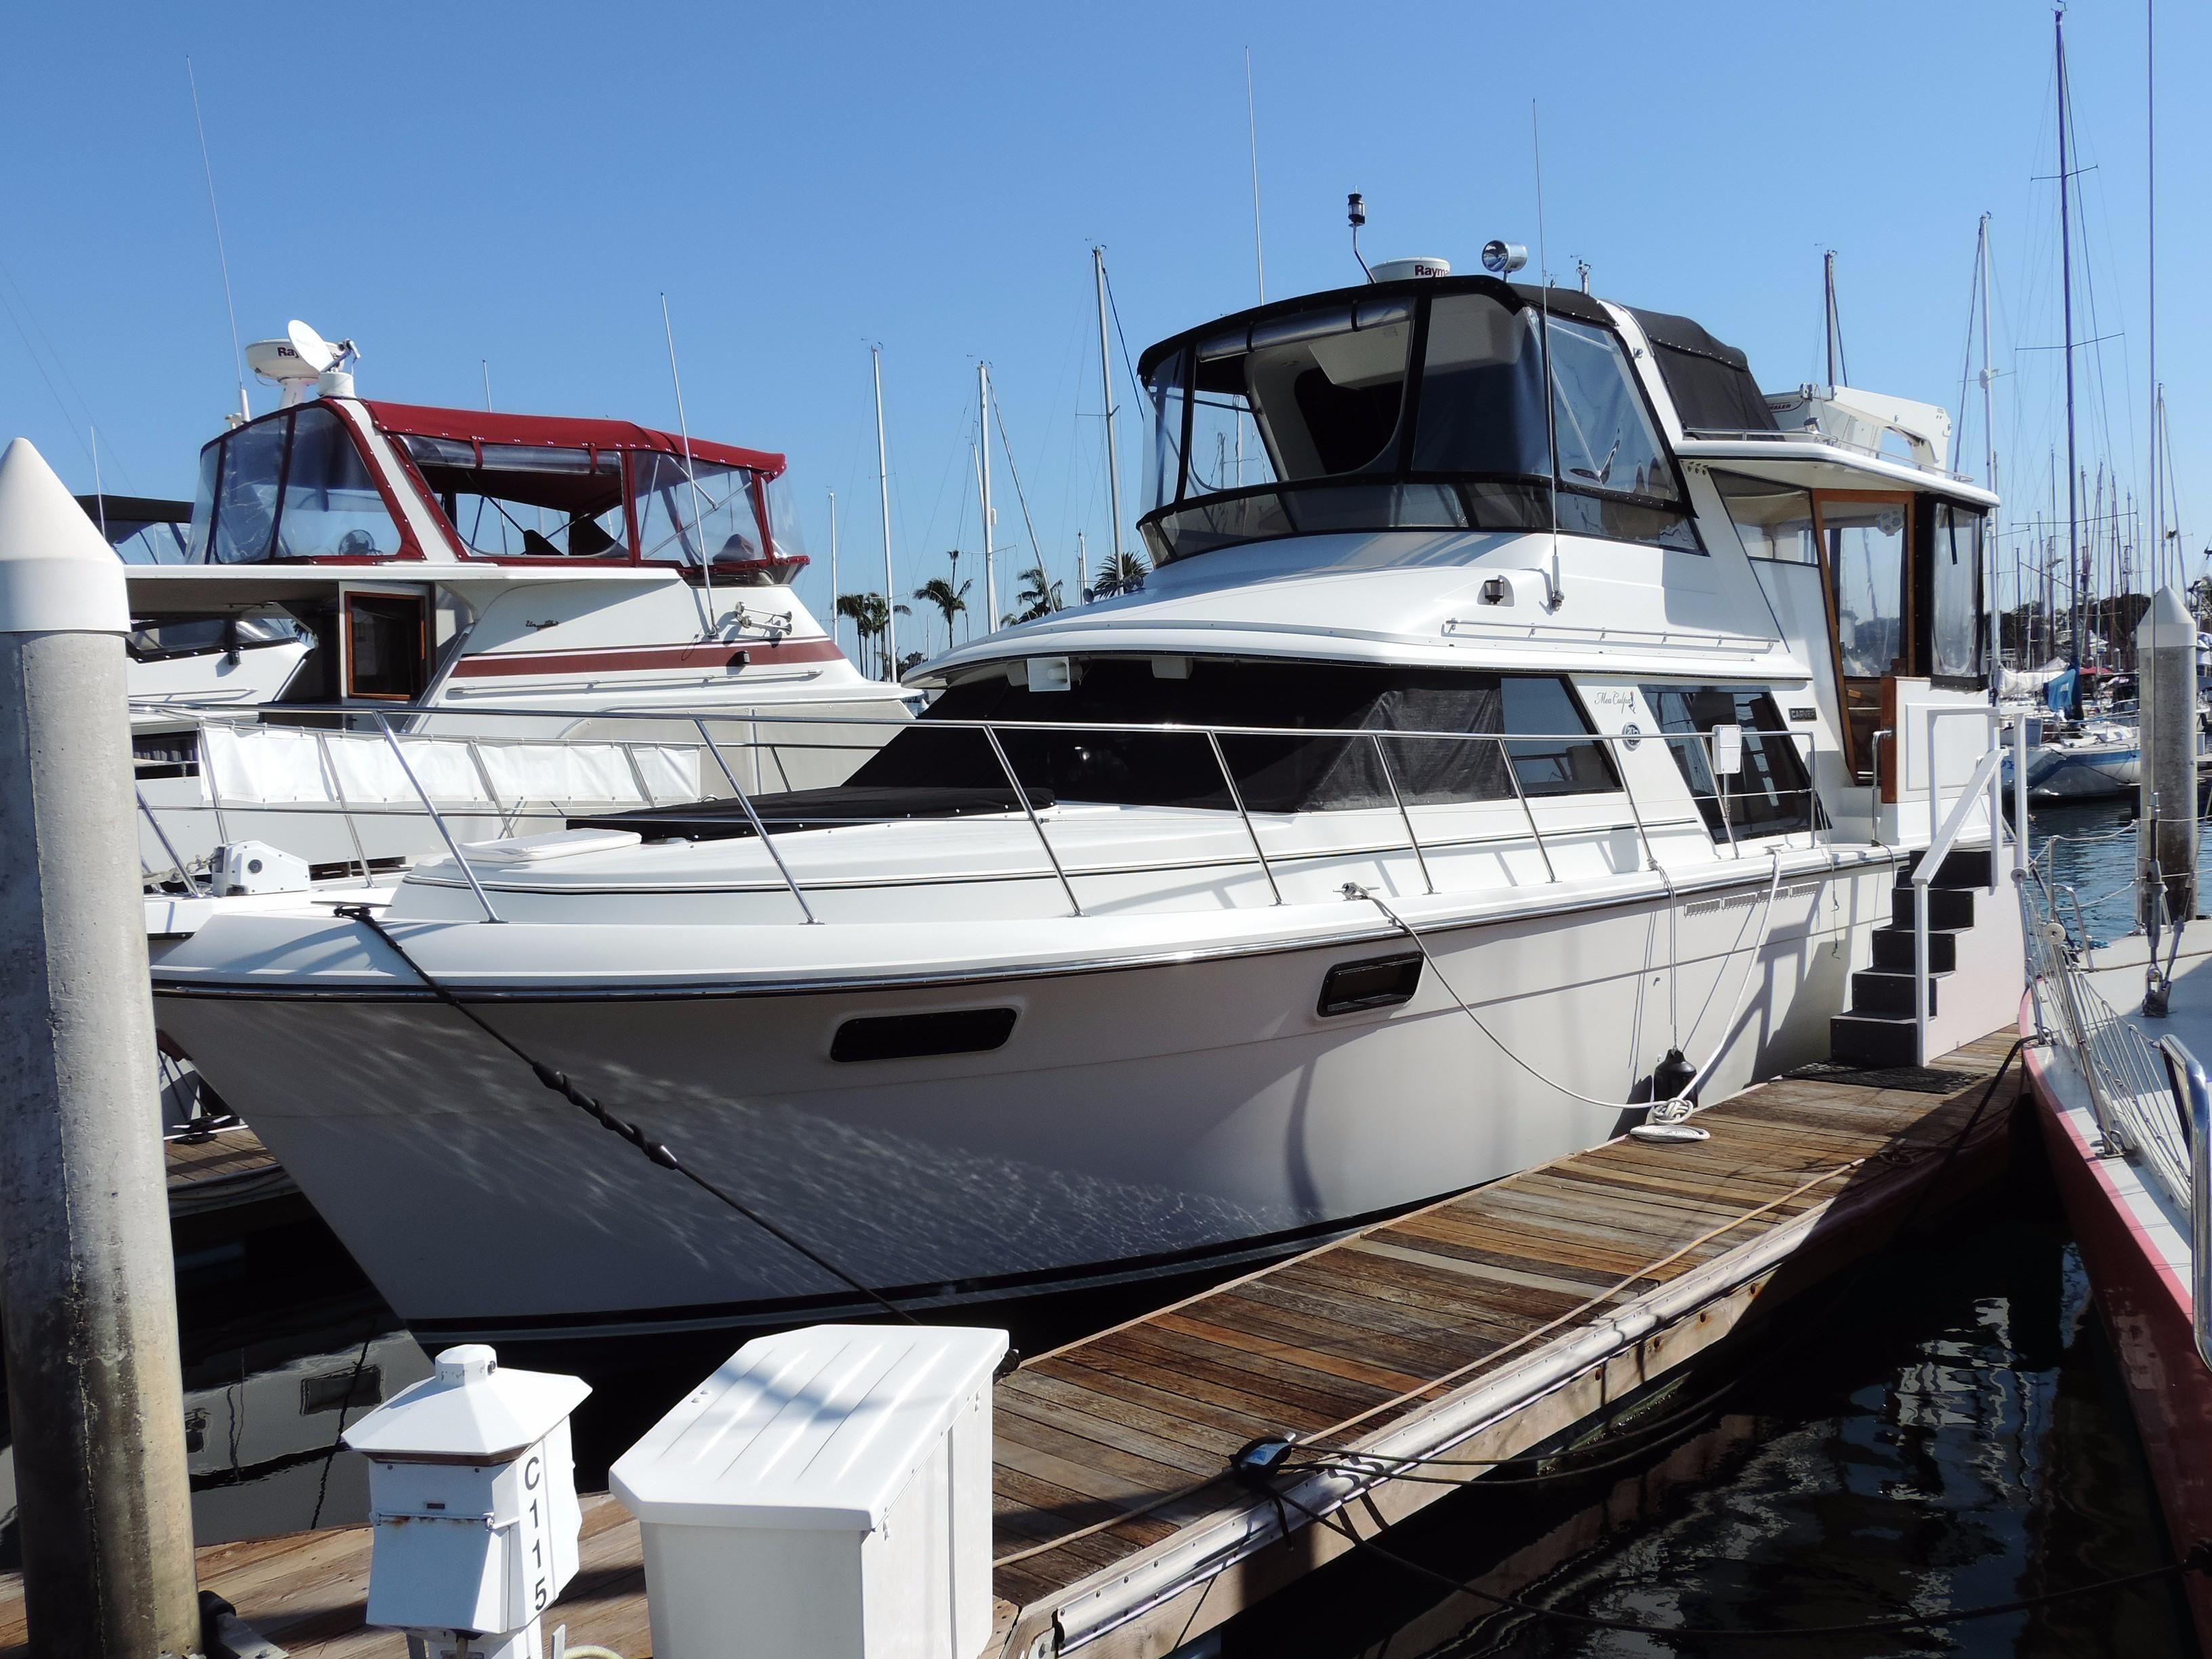 1987 Carver 42 Aft Cabin Motoryacht Power Boat For Sale ...